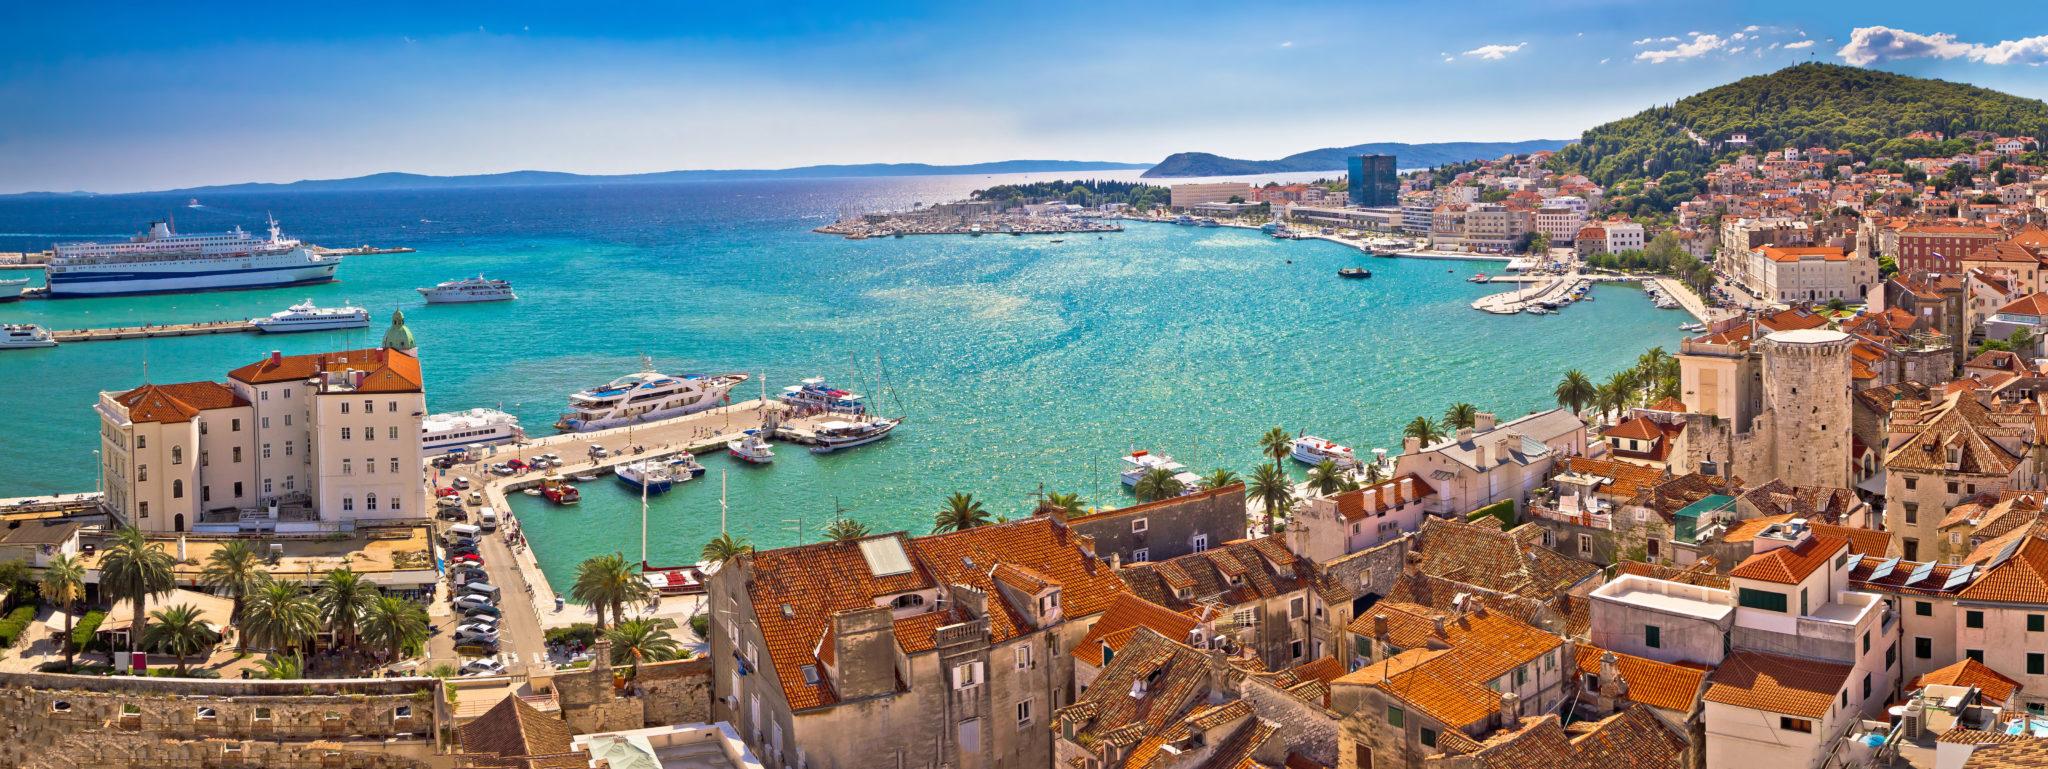 Die Marina von Split